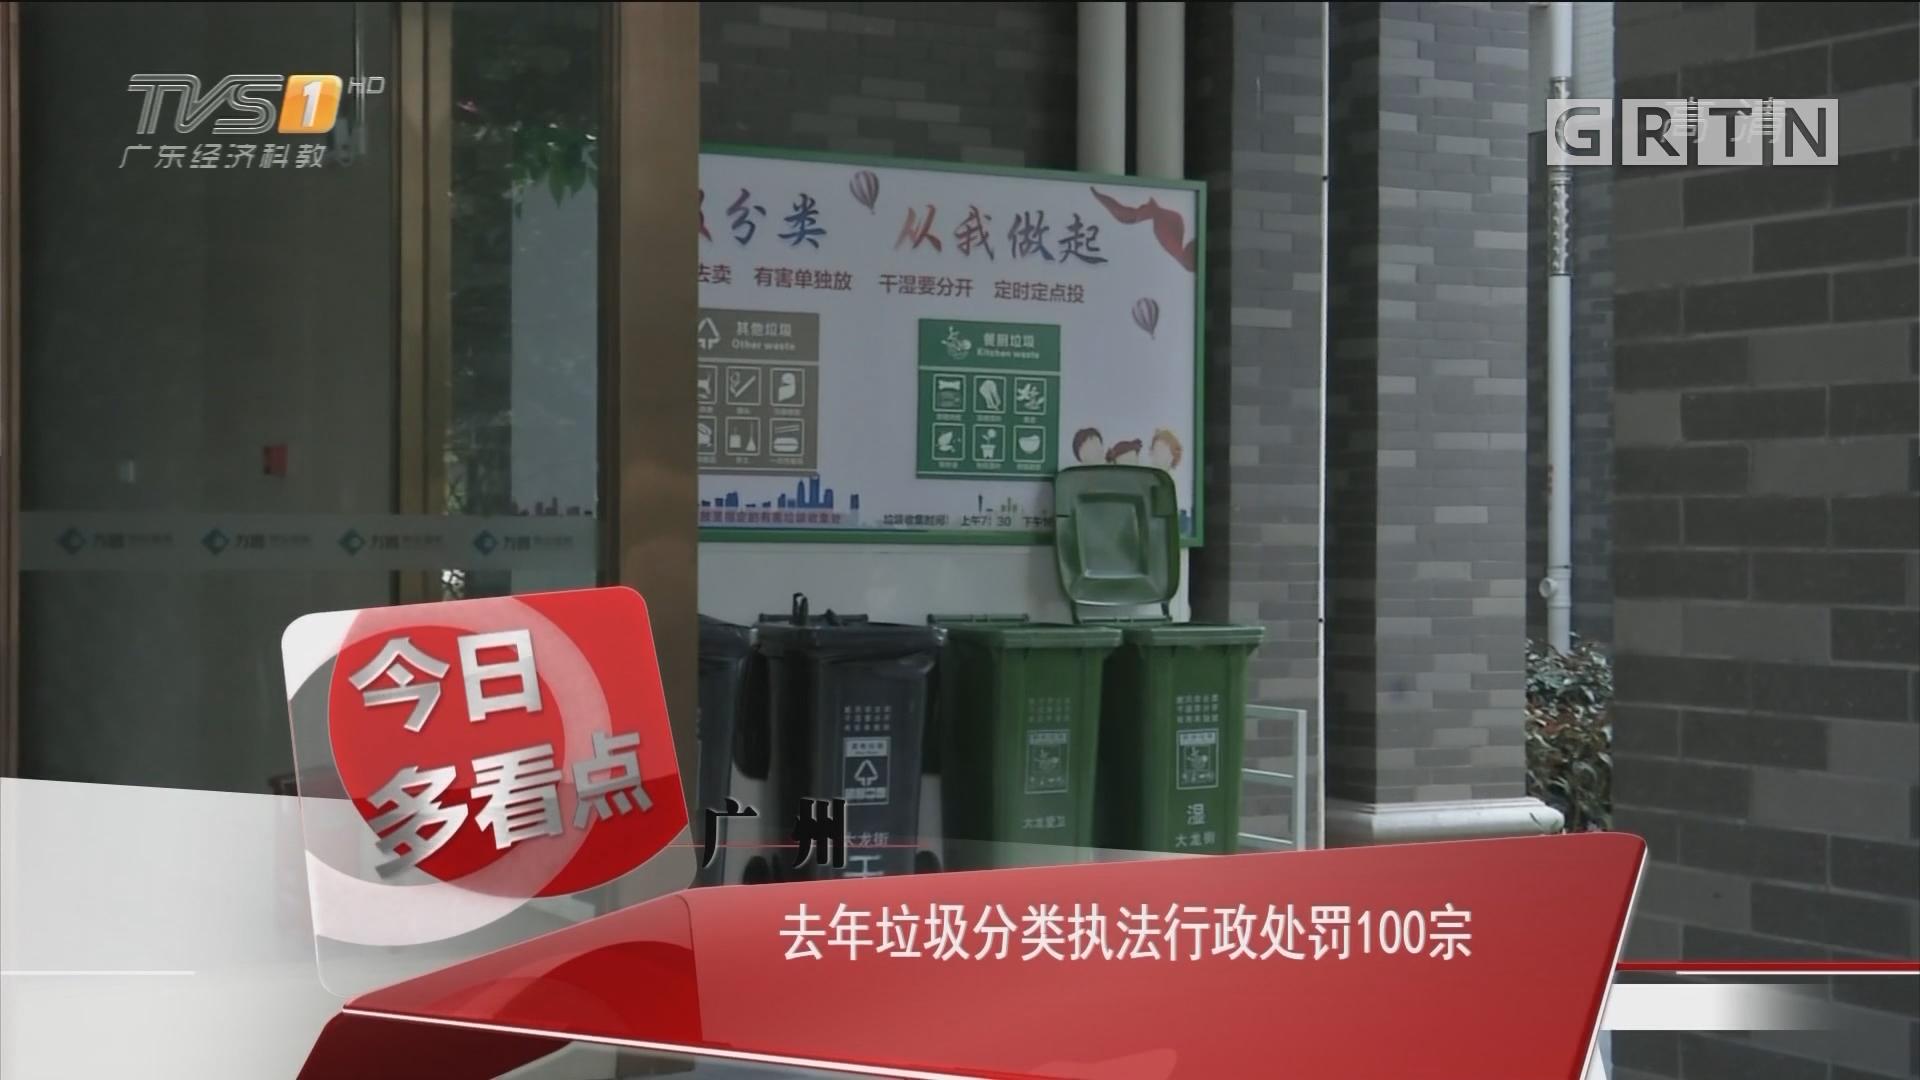 广州:去年垃圾分类执法行政处罚100宗